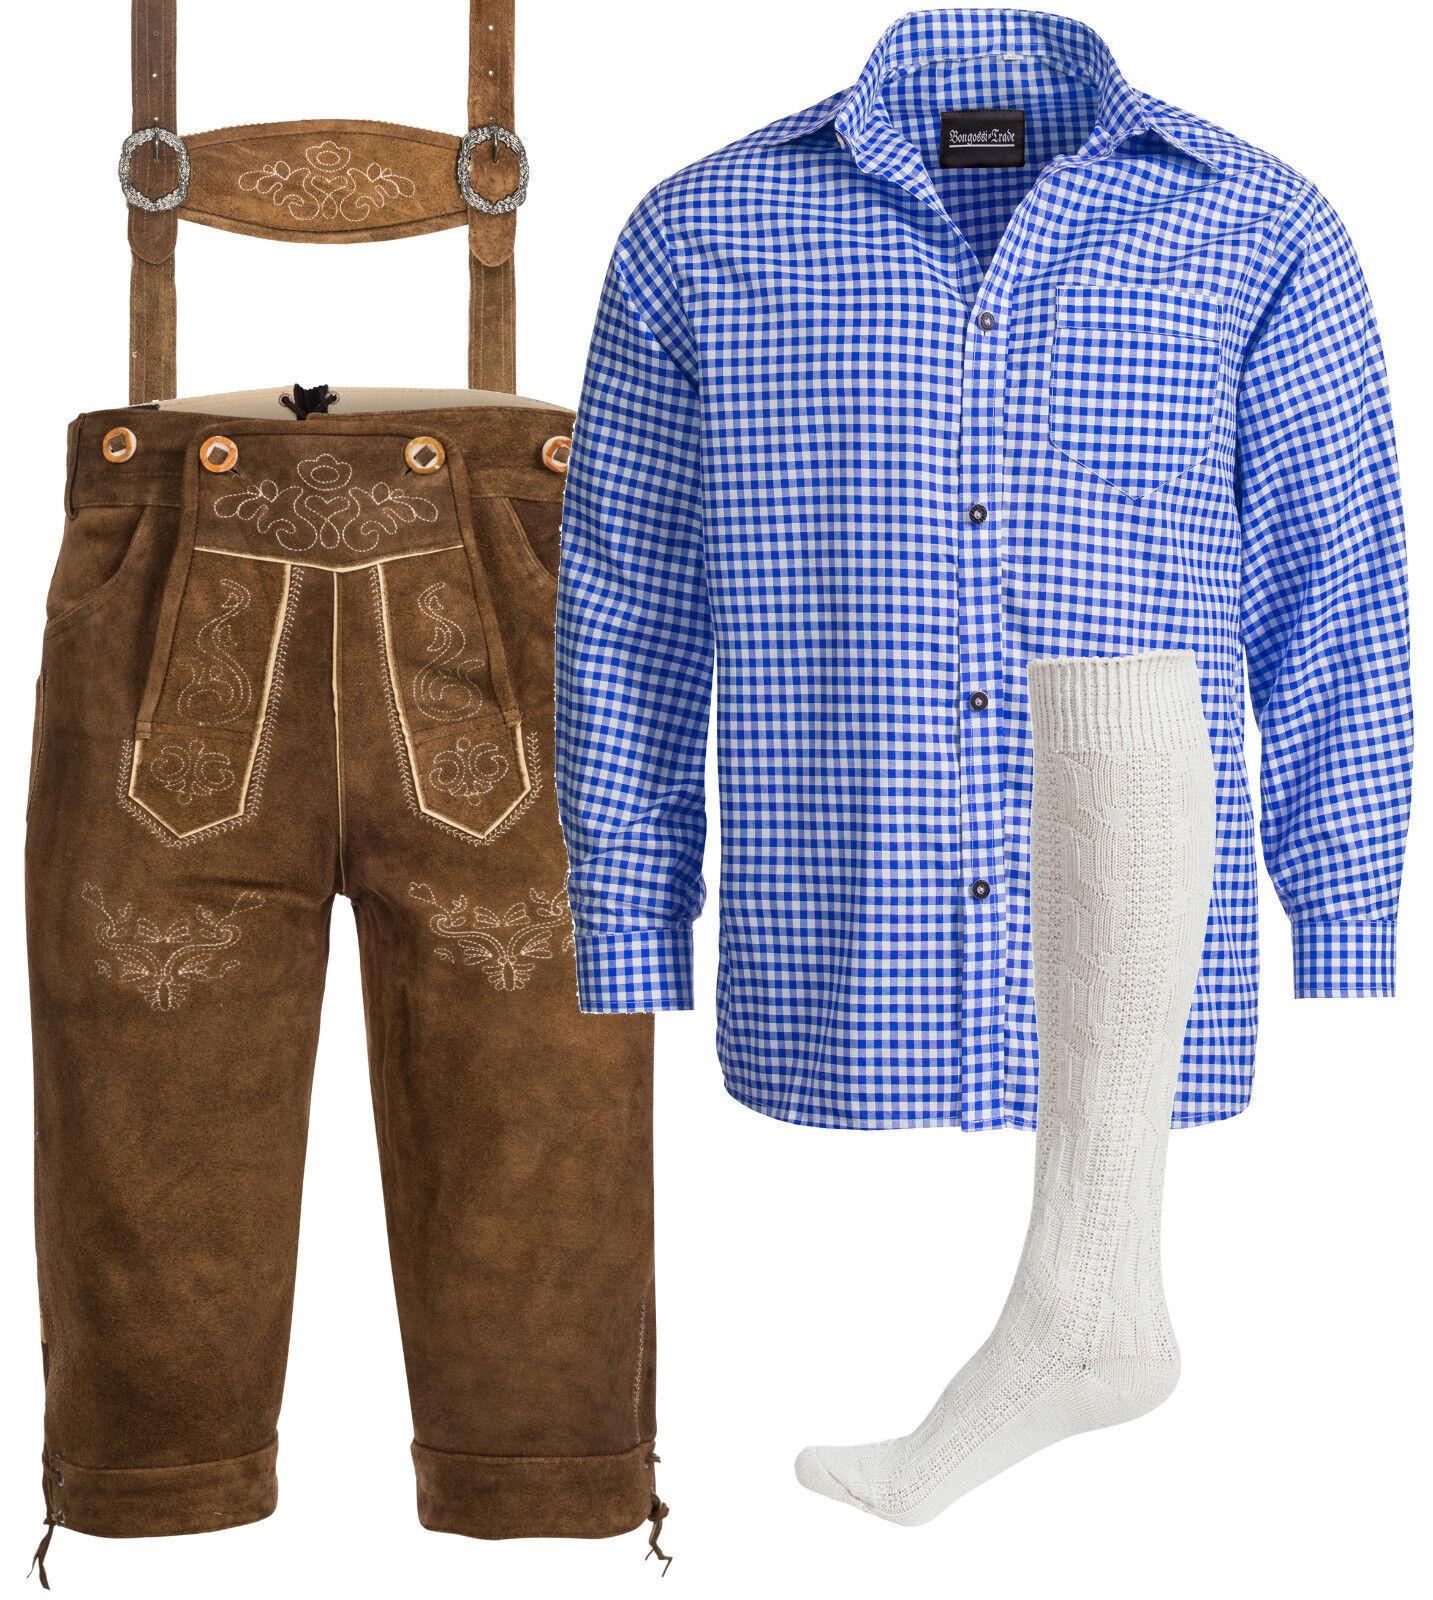 Herren Trachten Set Lederhose  rehbraun + Trachtenhemd blau + Strümpfe weiß